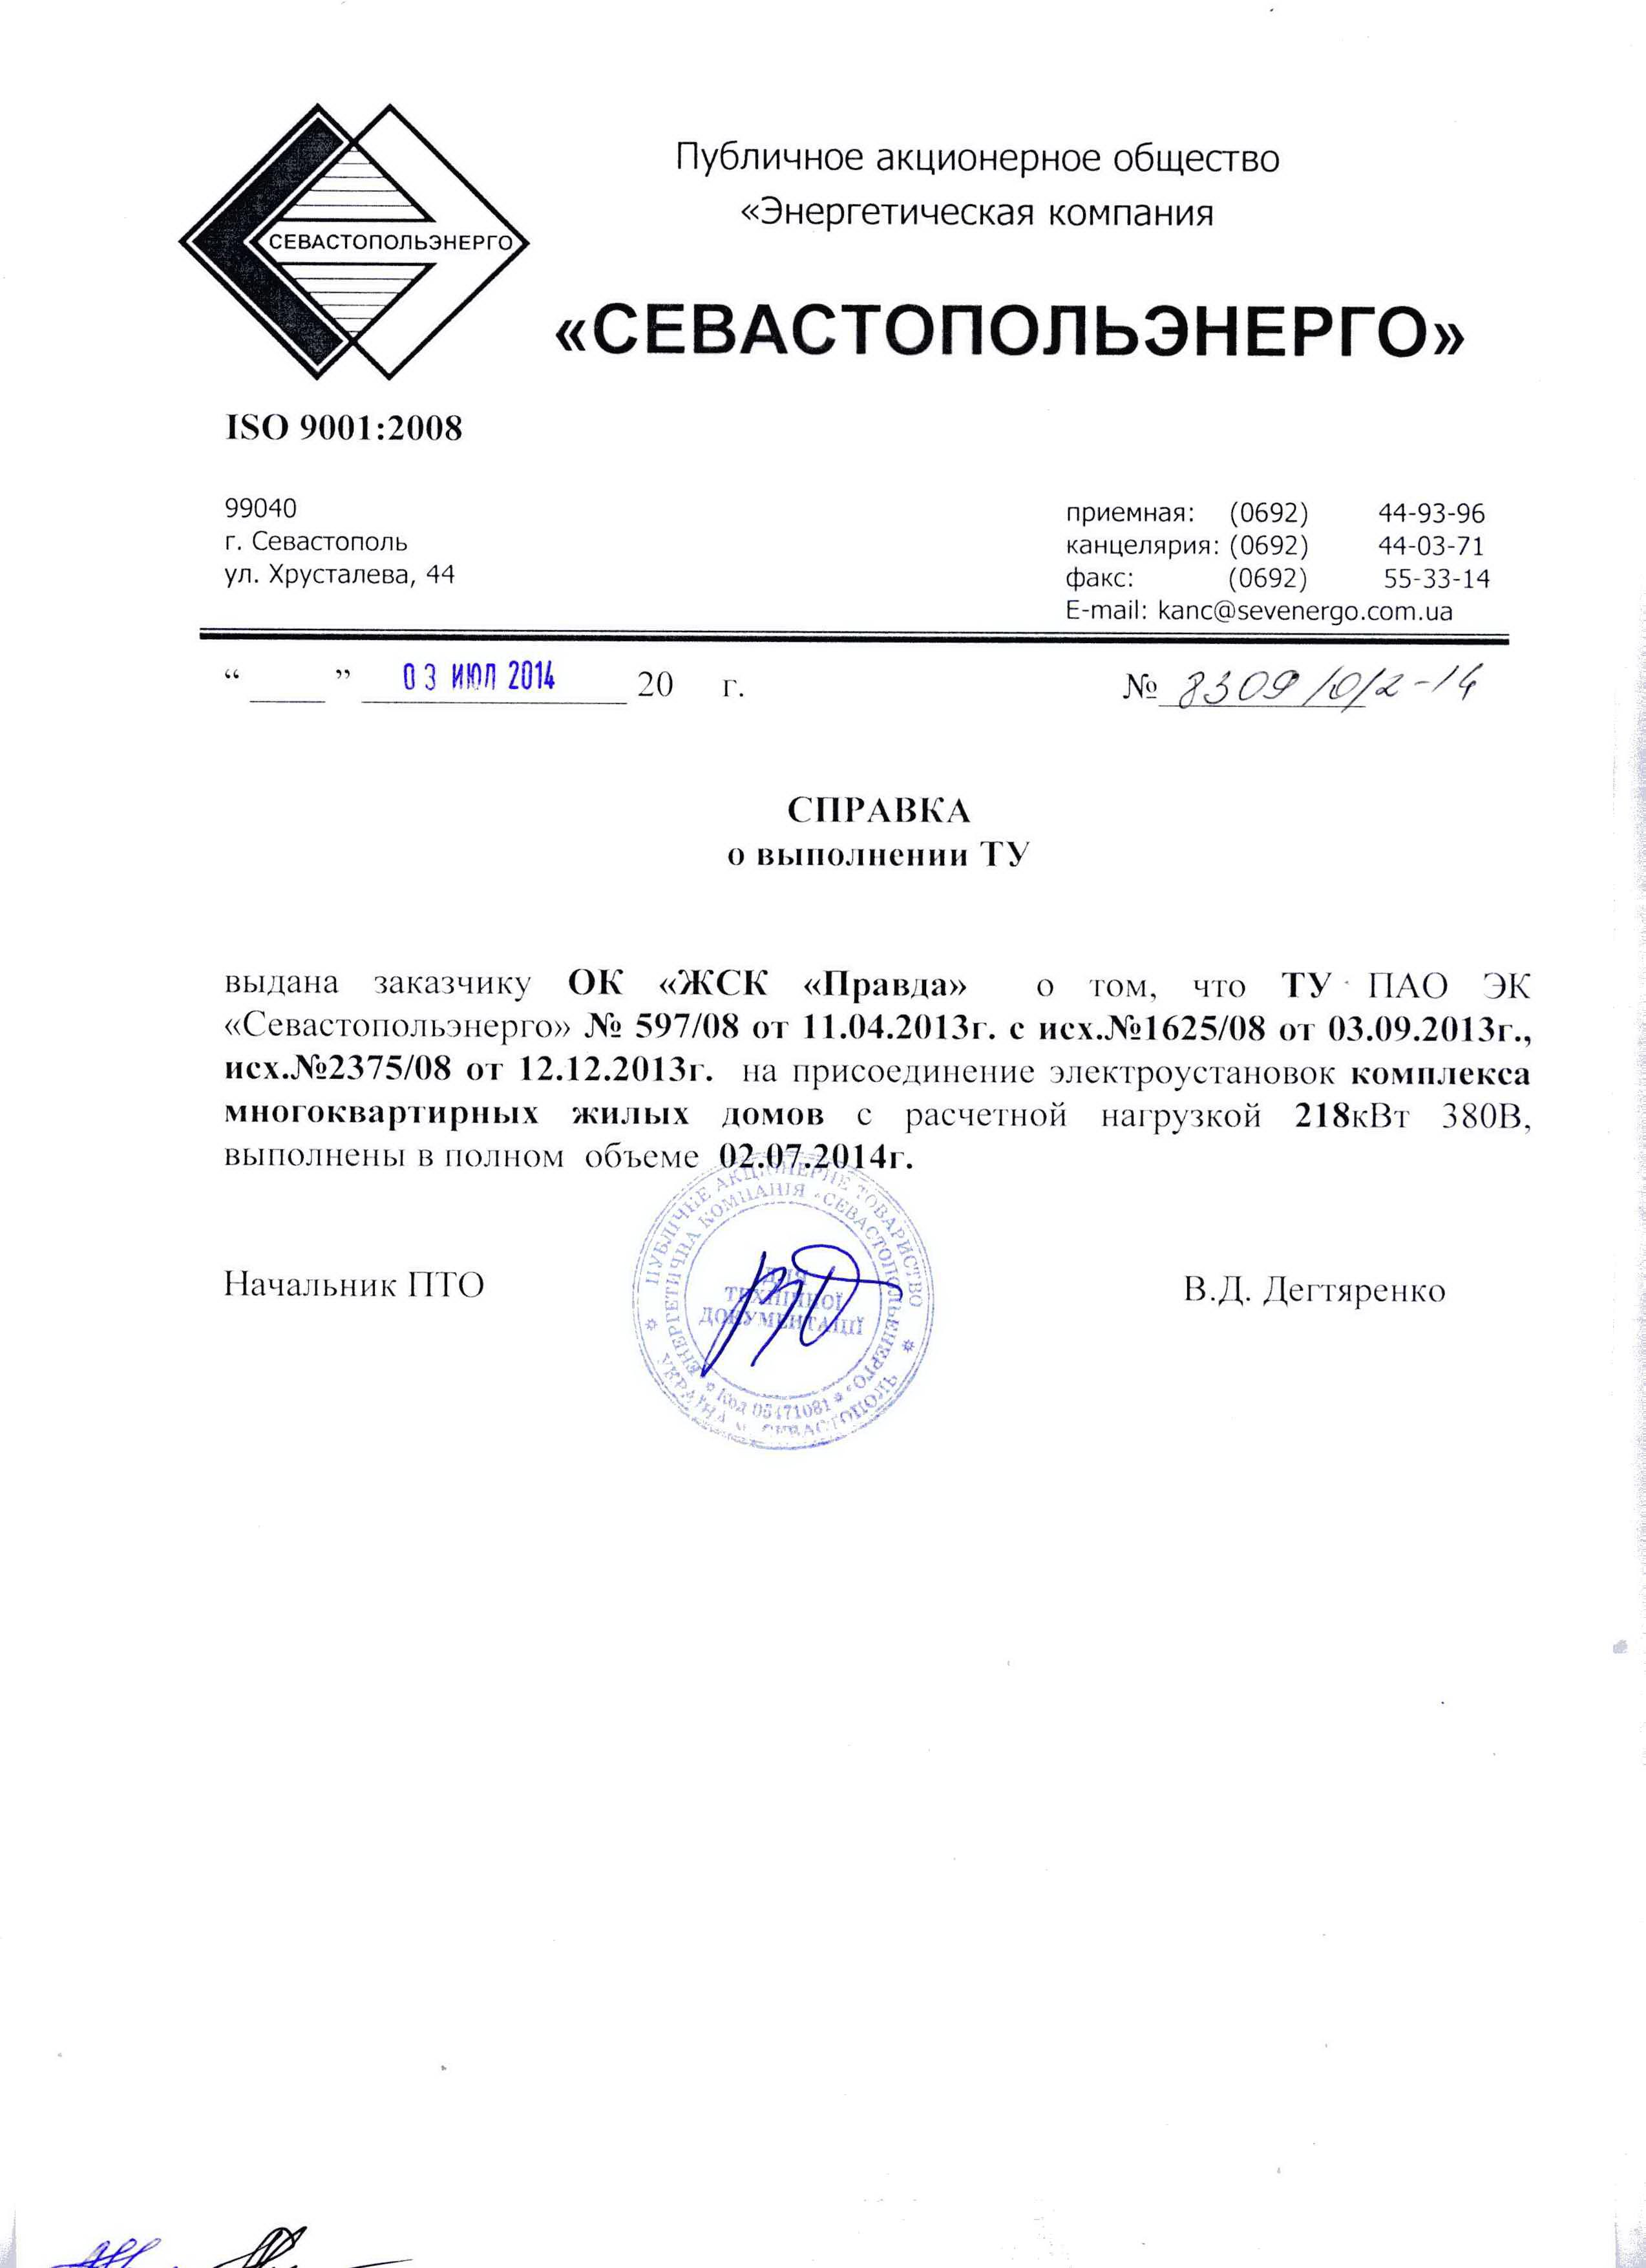 Заявление о внесении изменений в сведения о юридическом лице в егрюл - 49